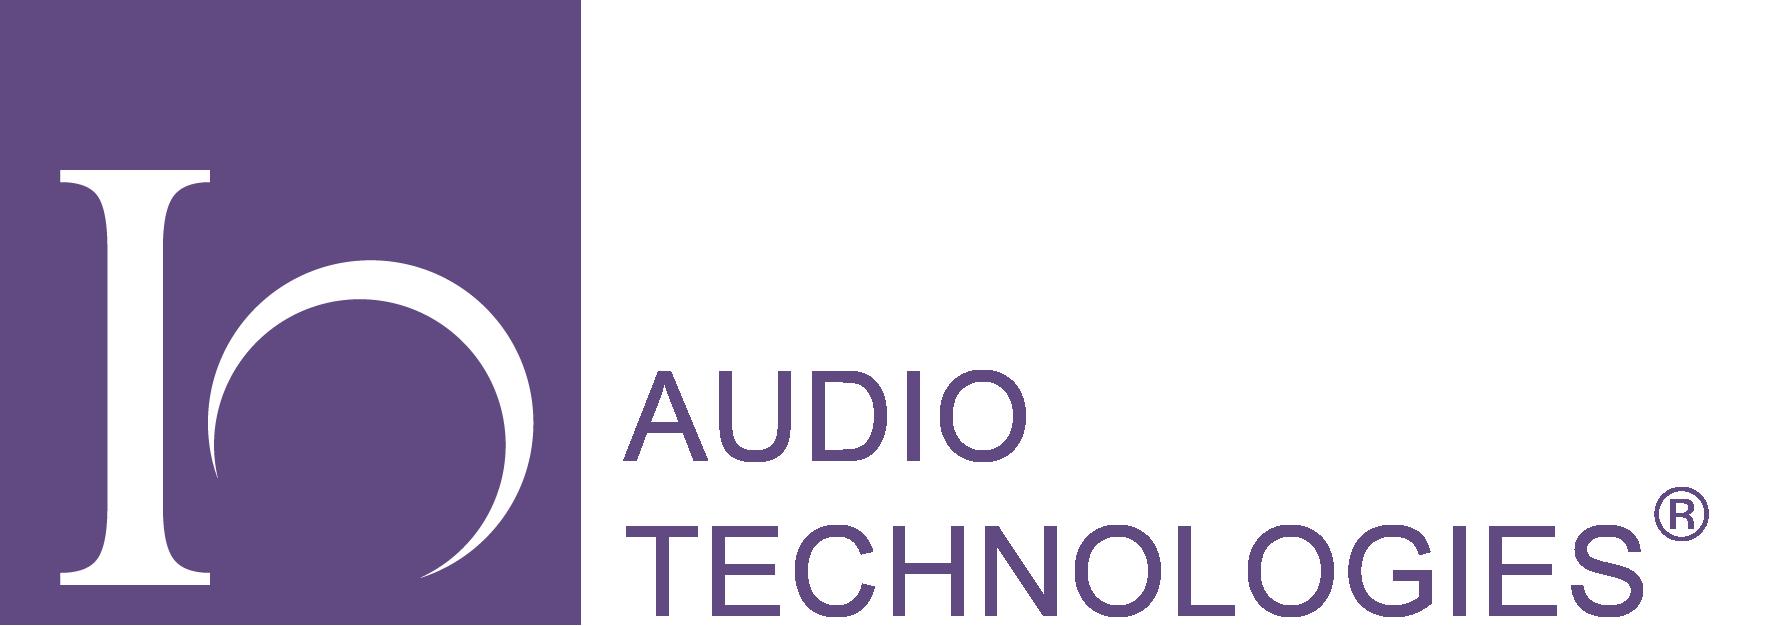 Io Audio Technologies